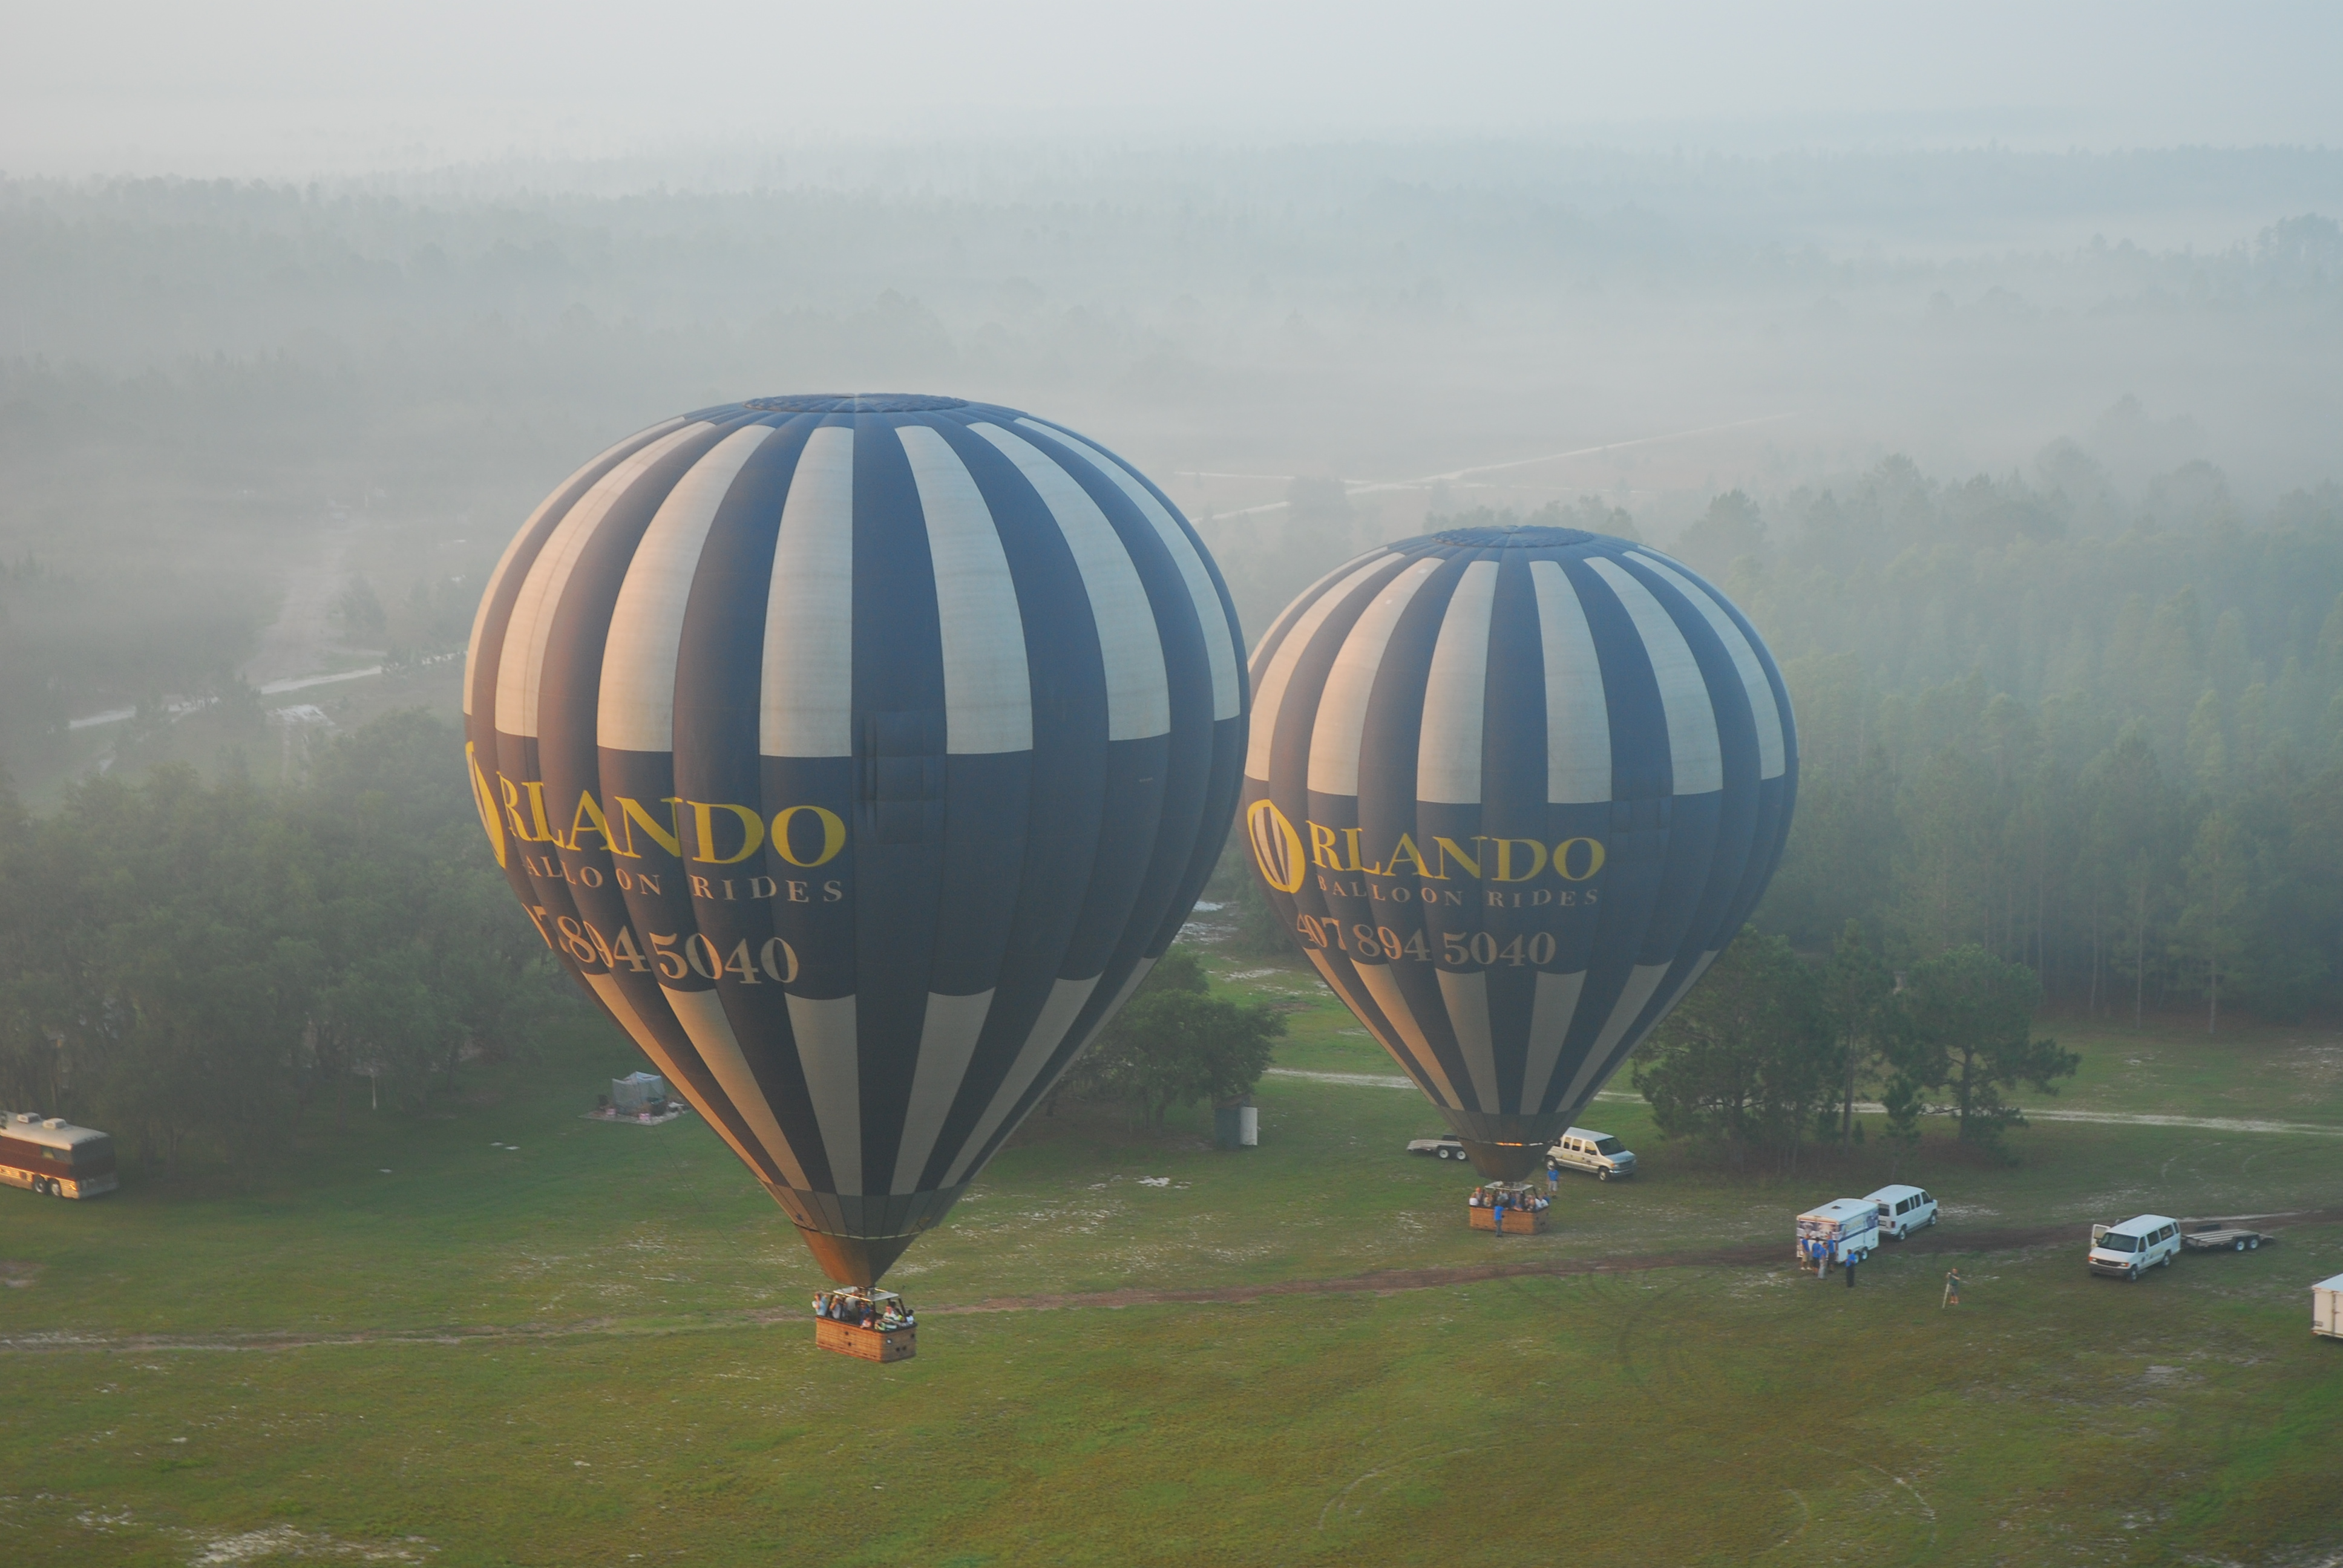 Orlando Hot Air Balloons